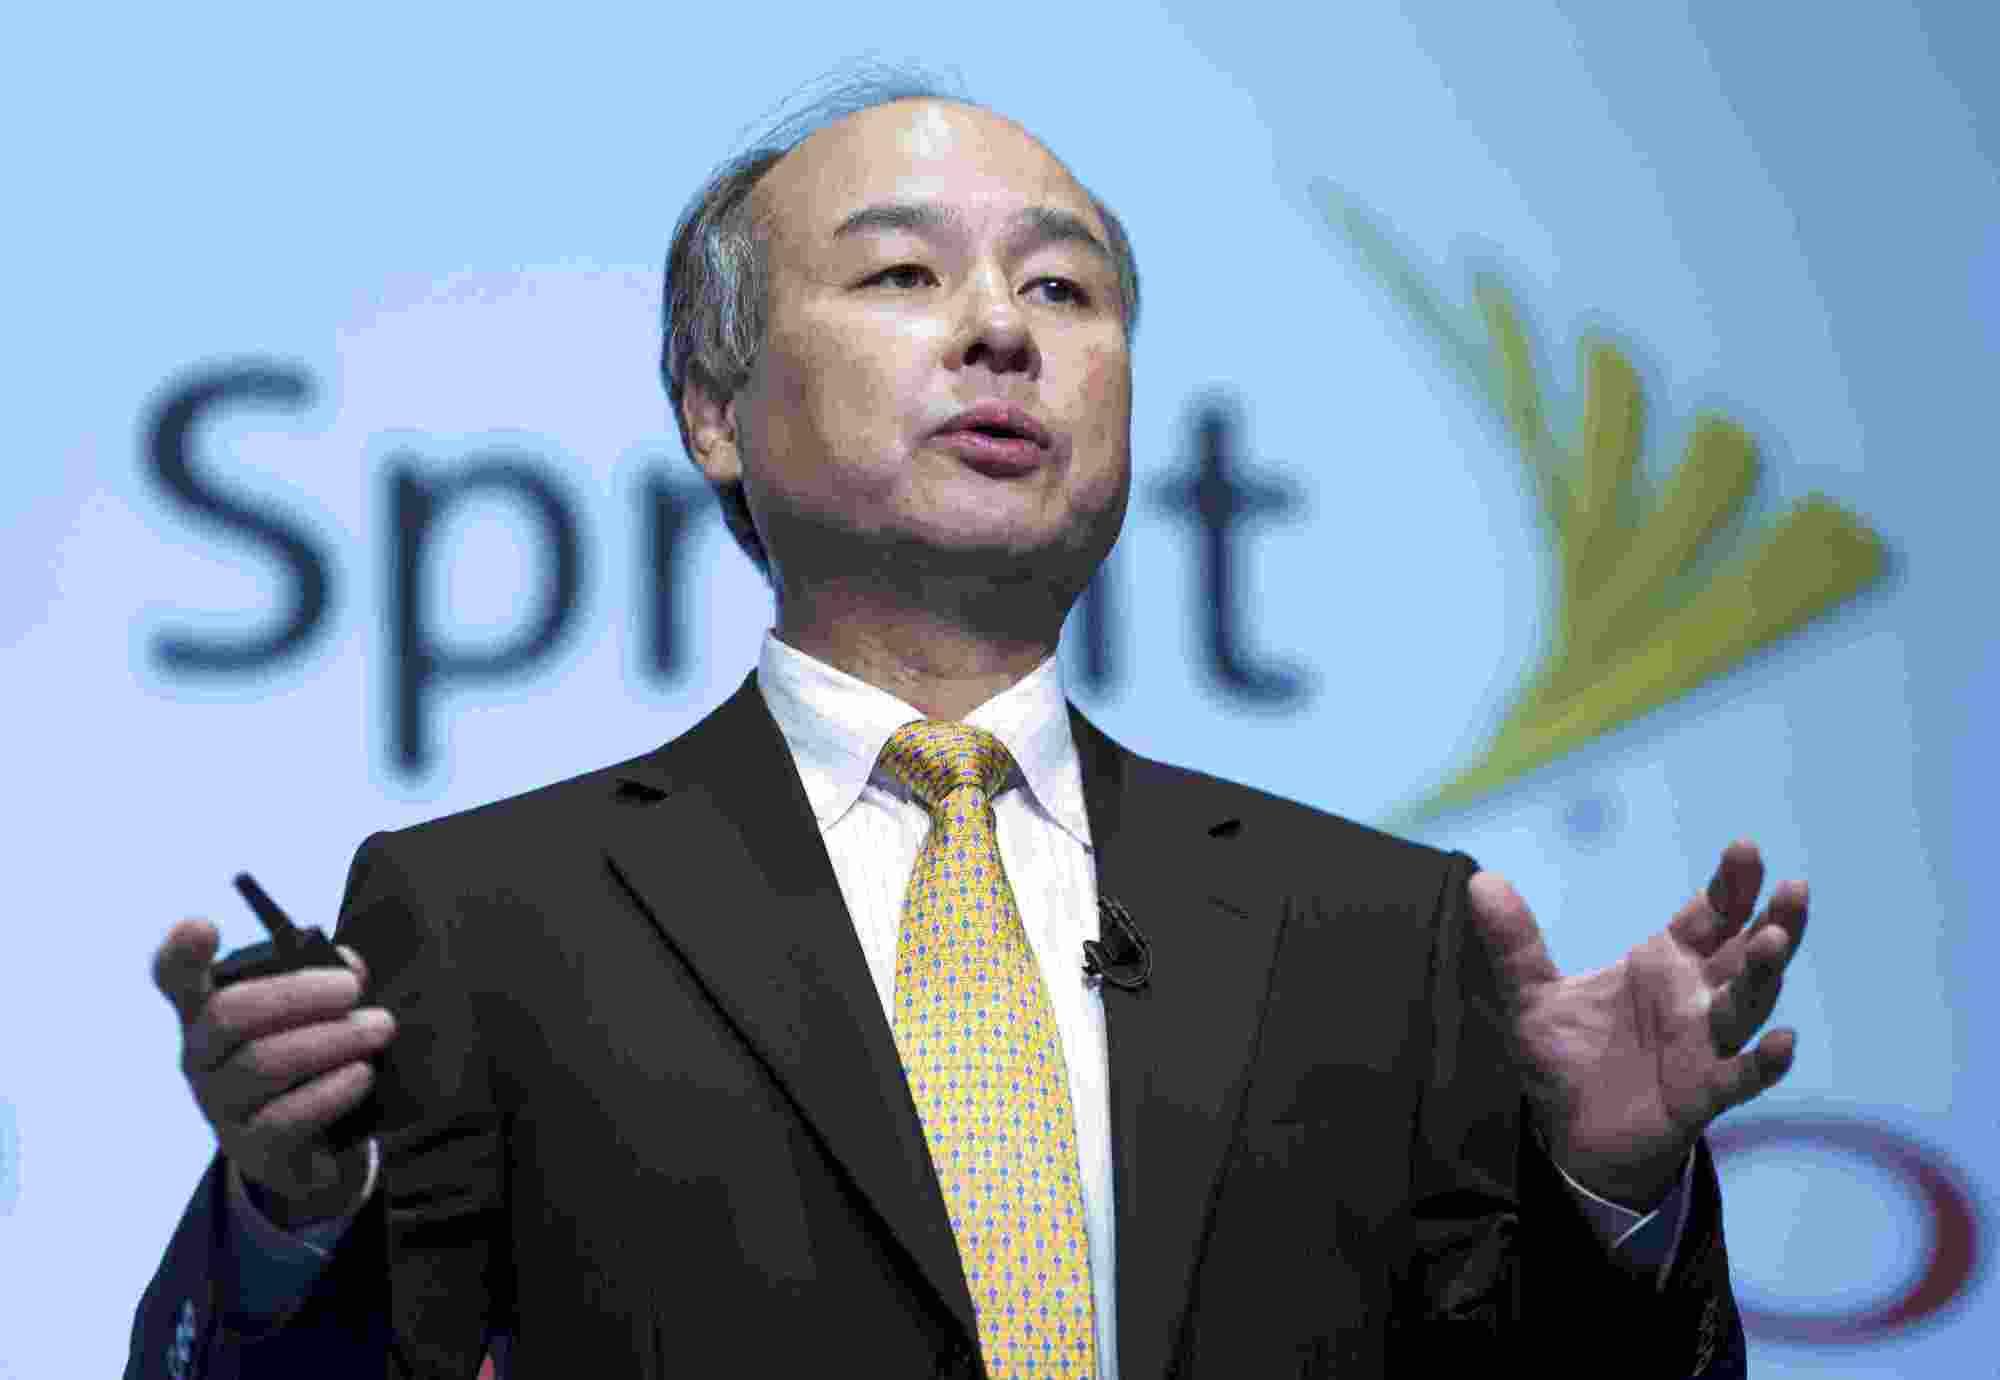 阿里巴巴最新股权,软银持有26%的股份,雅虎降低